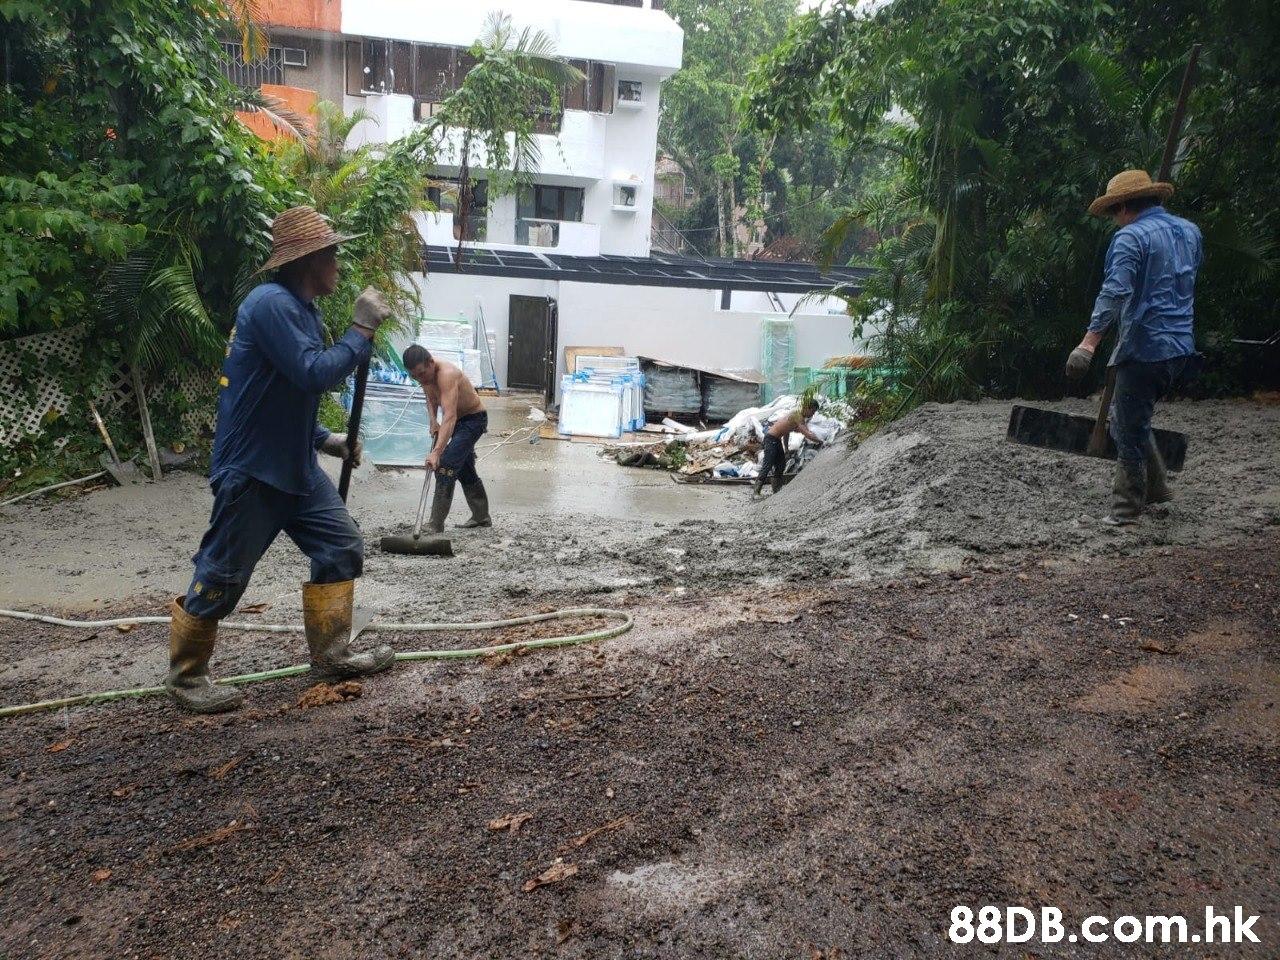 .hk  Asphalt,Water,Soil,Community,Grass